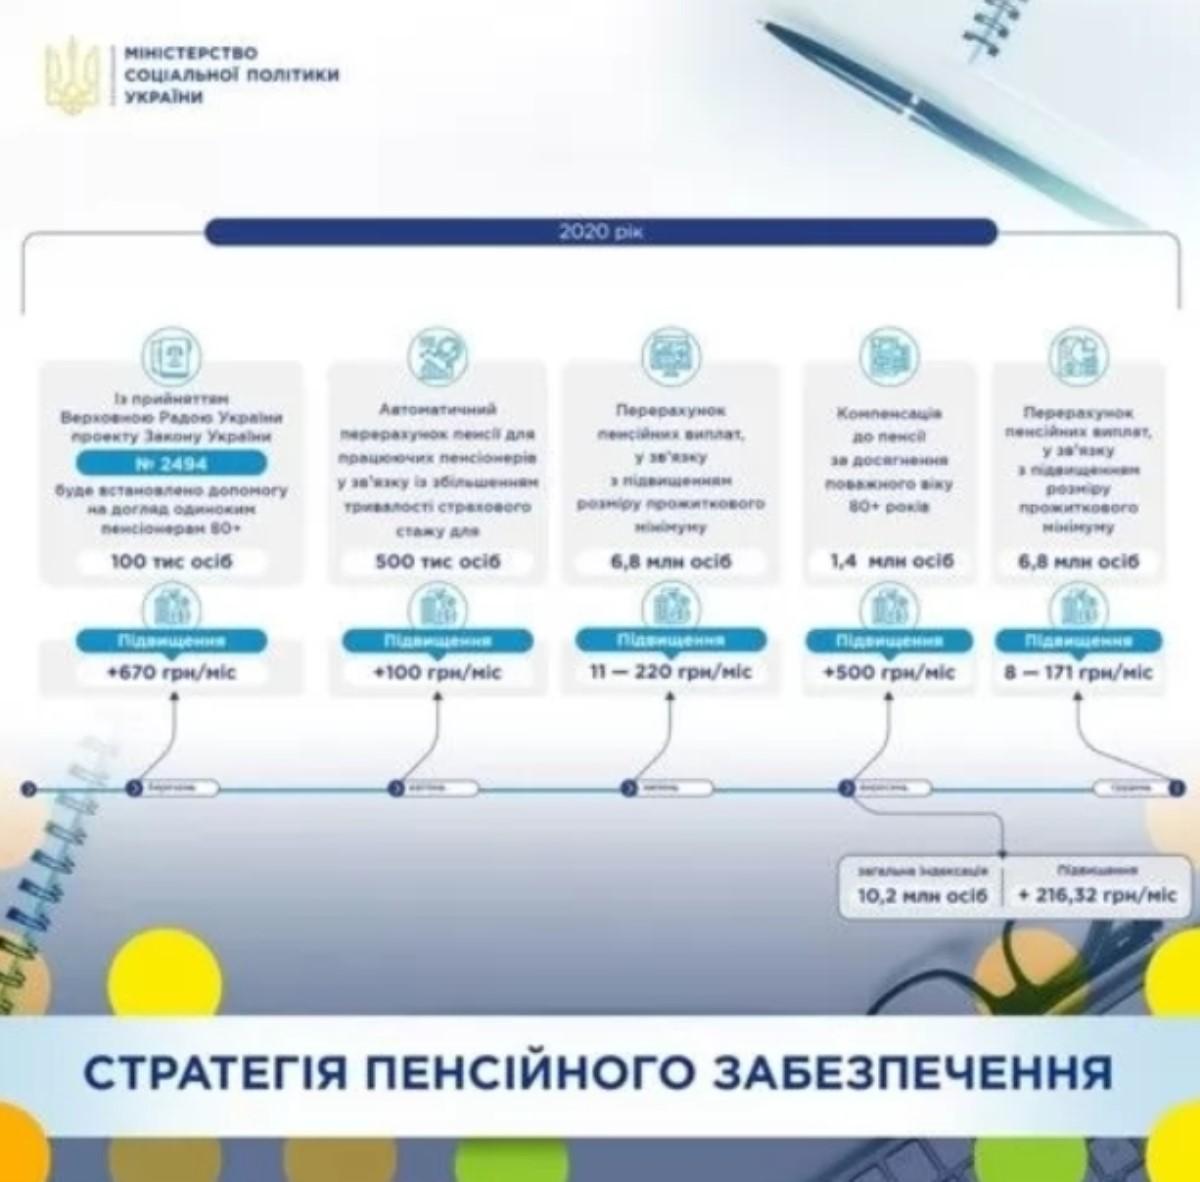 Кому сто гривен, а кому тысячи: когда и сколько получат пенсионеры в Украине